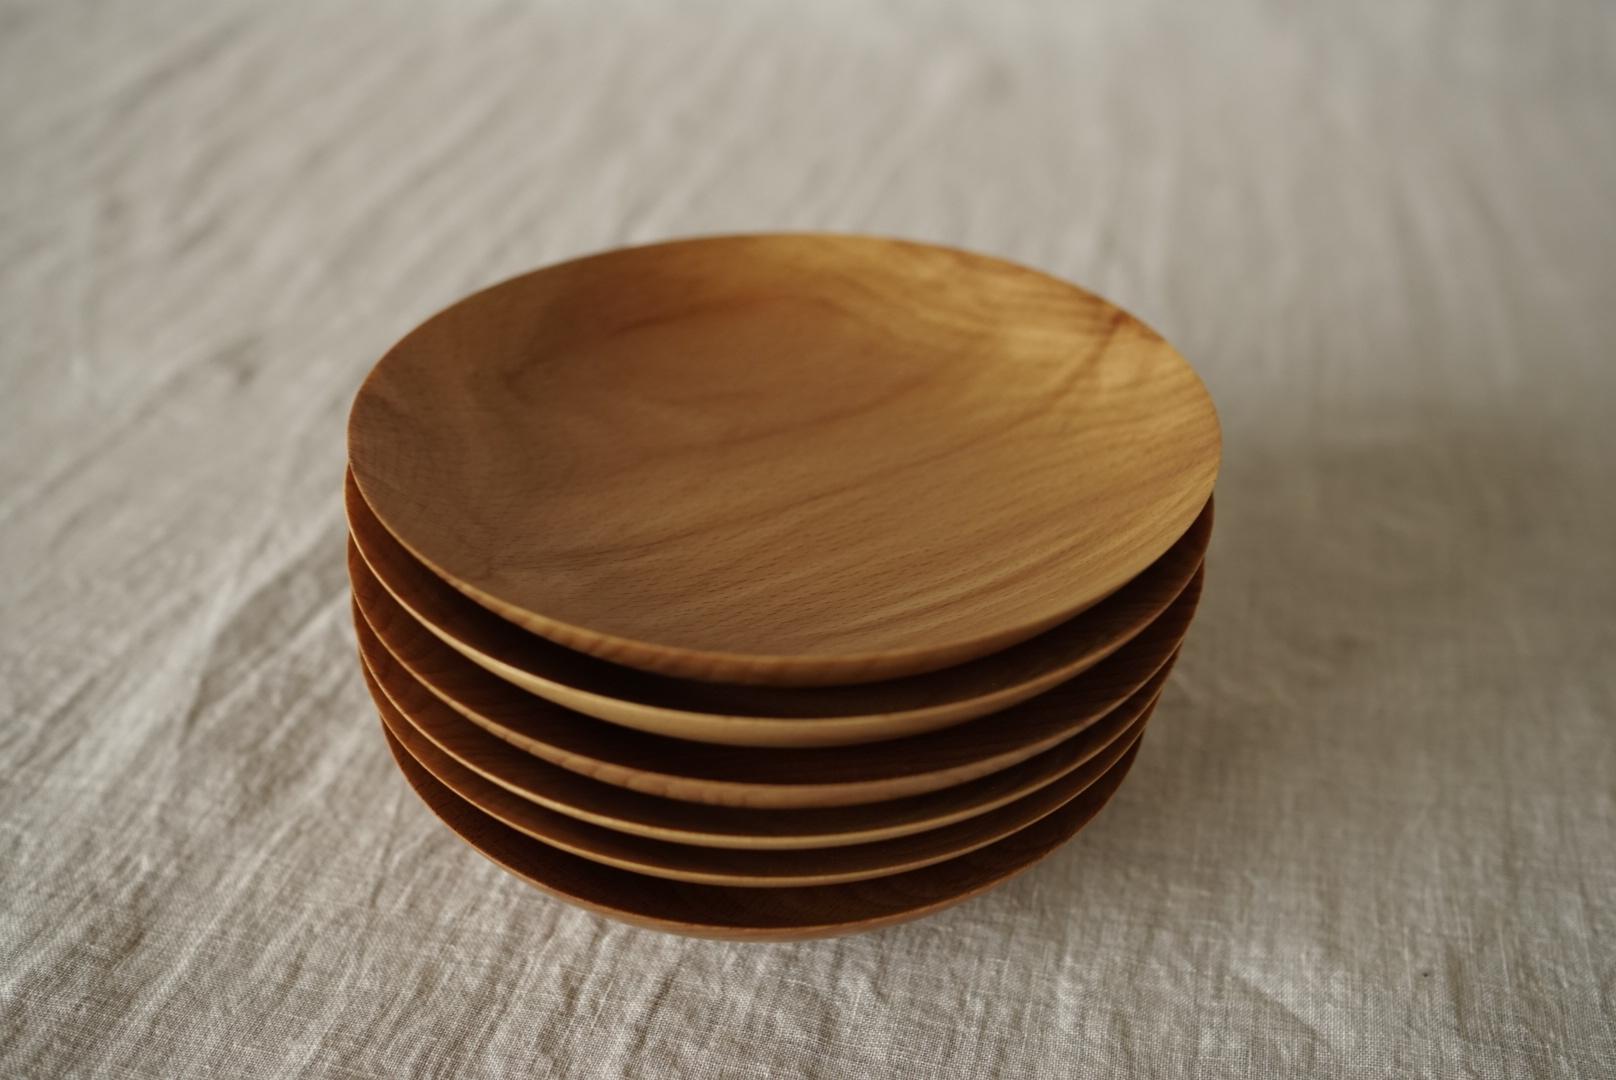 薄縁皿 15cm